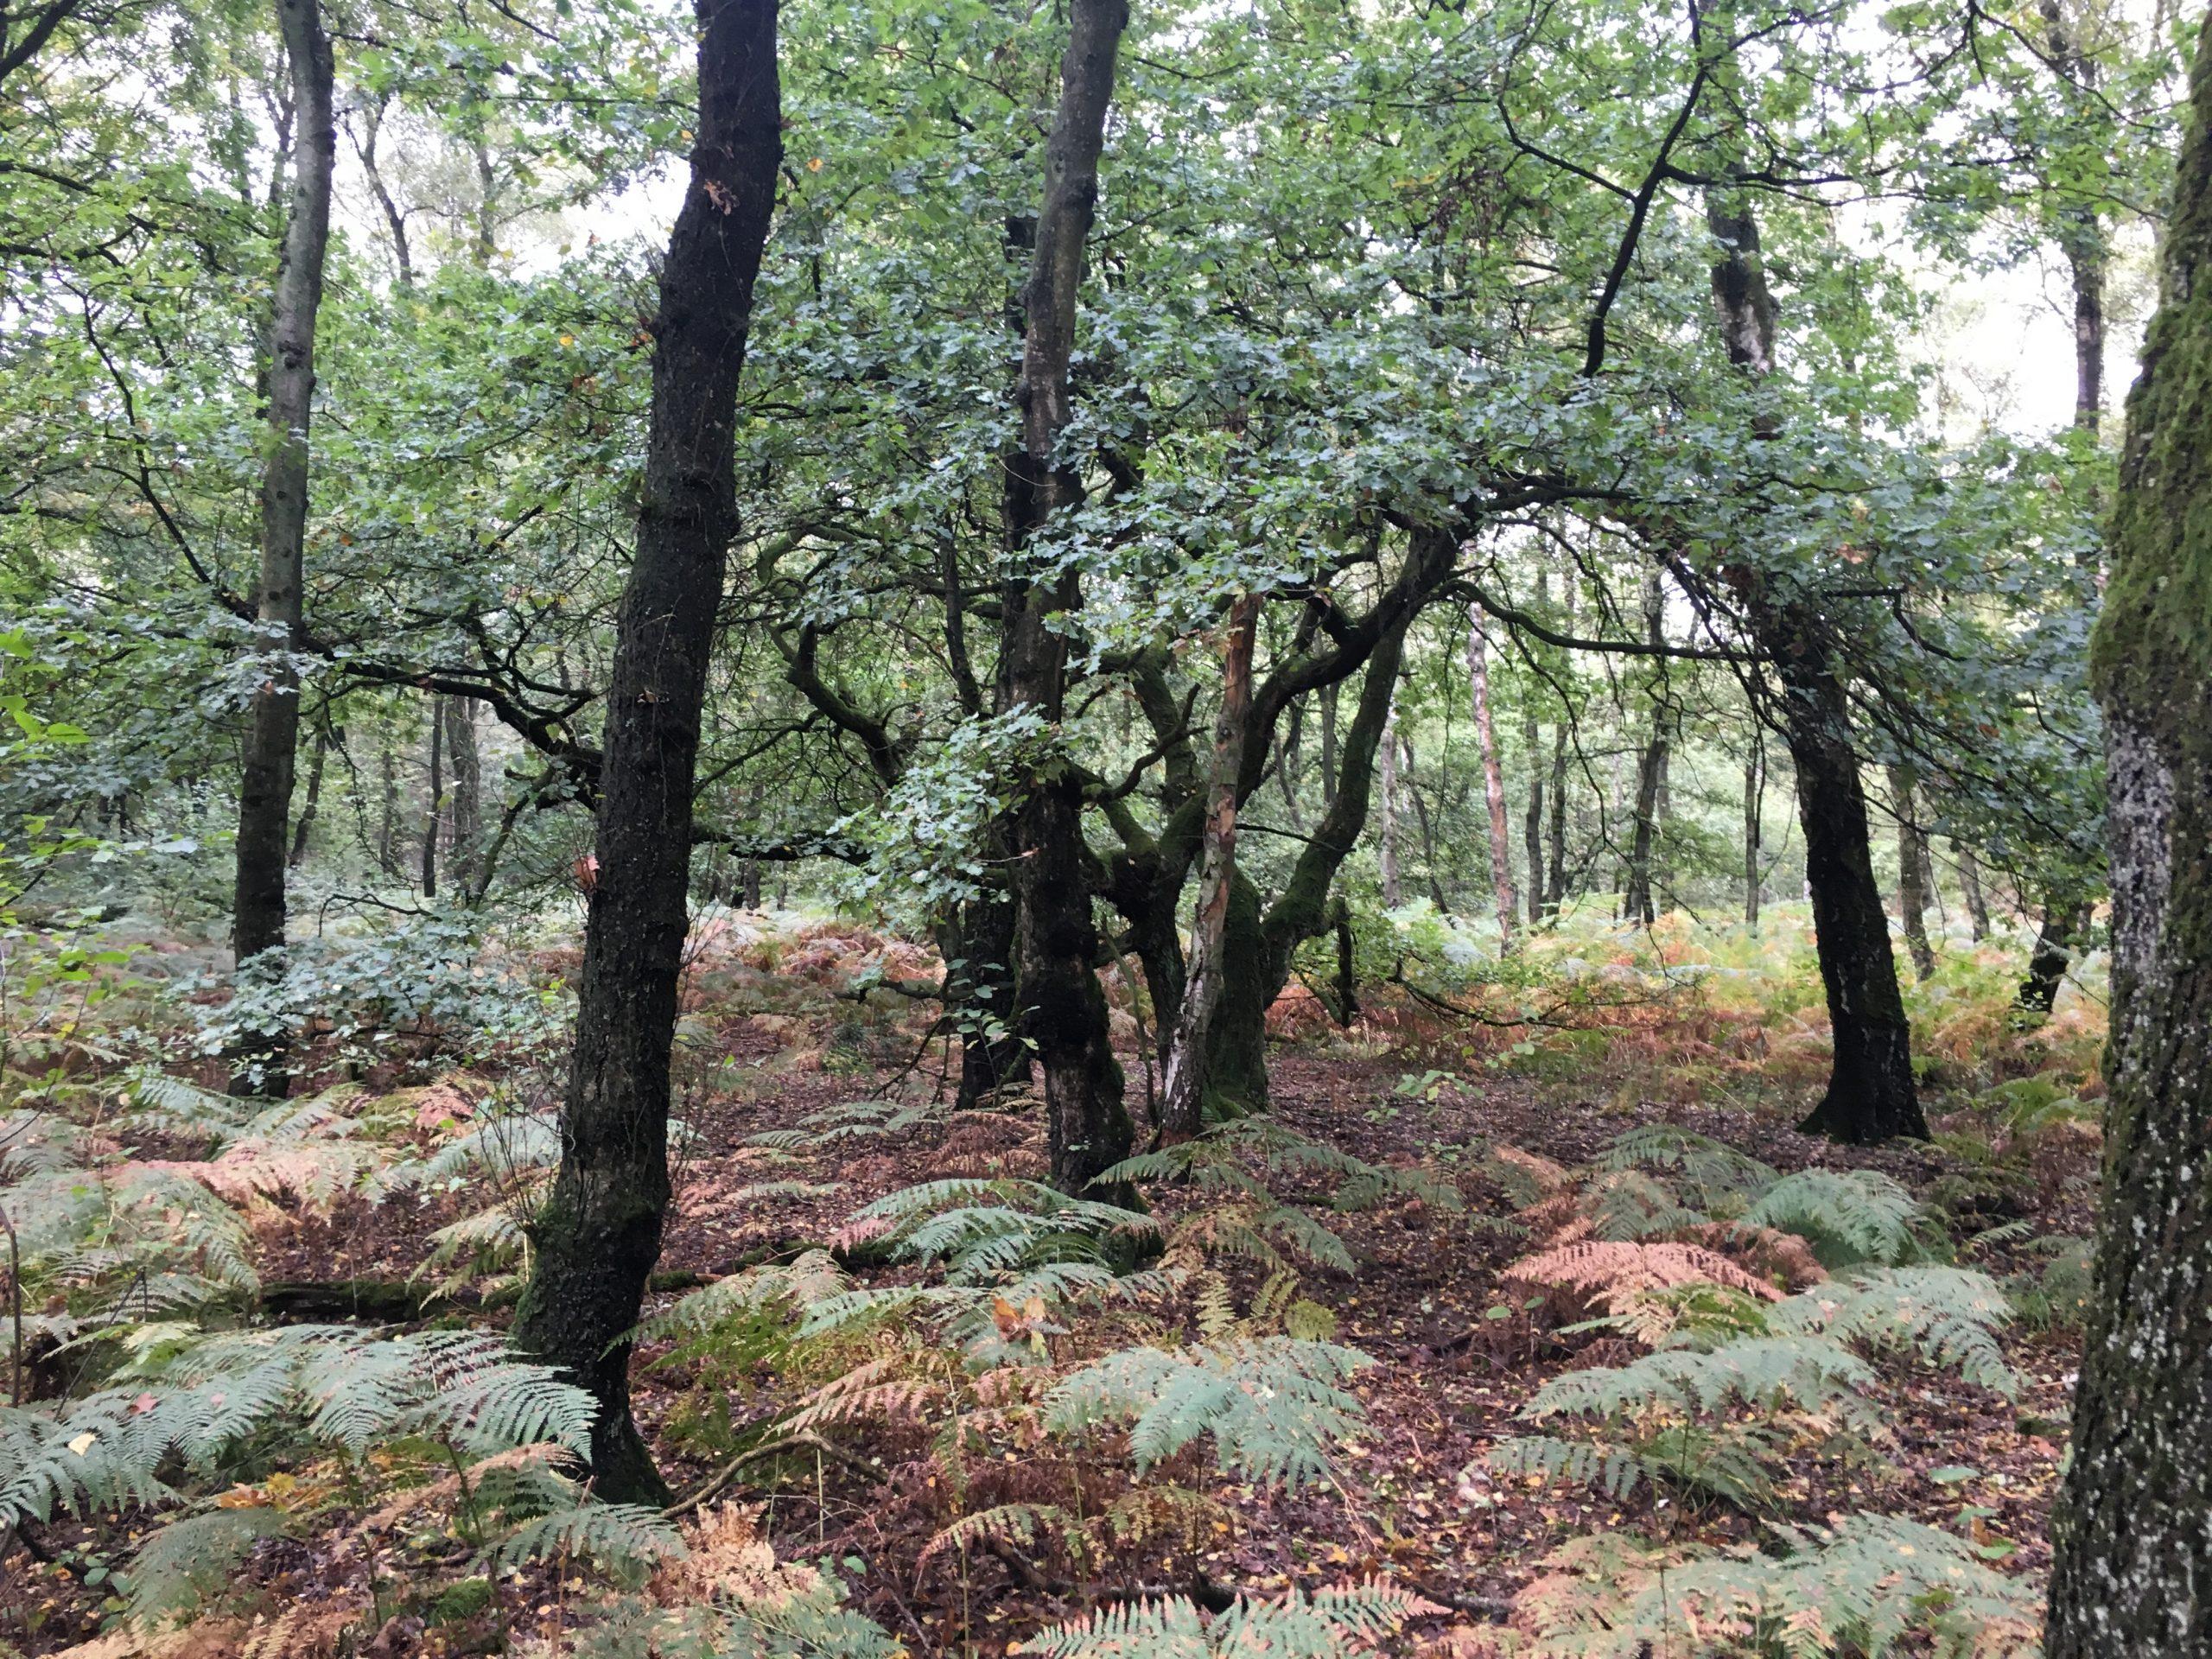 Herbstwald in der Haard im Naturpark Hohe Mark im Ruhrgebiet